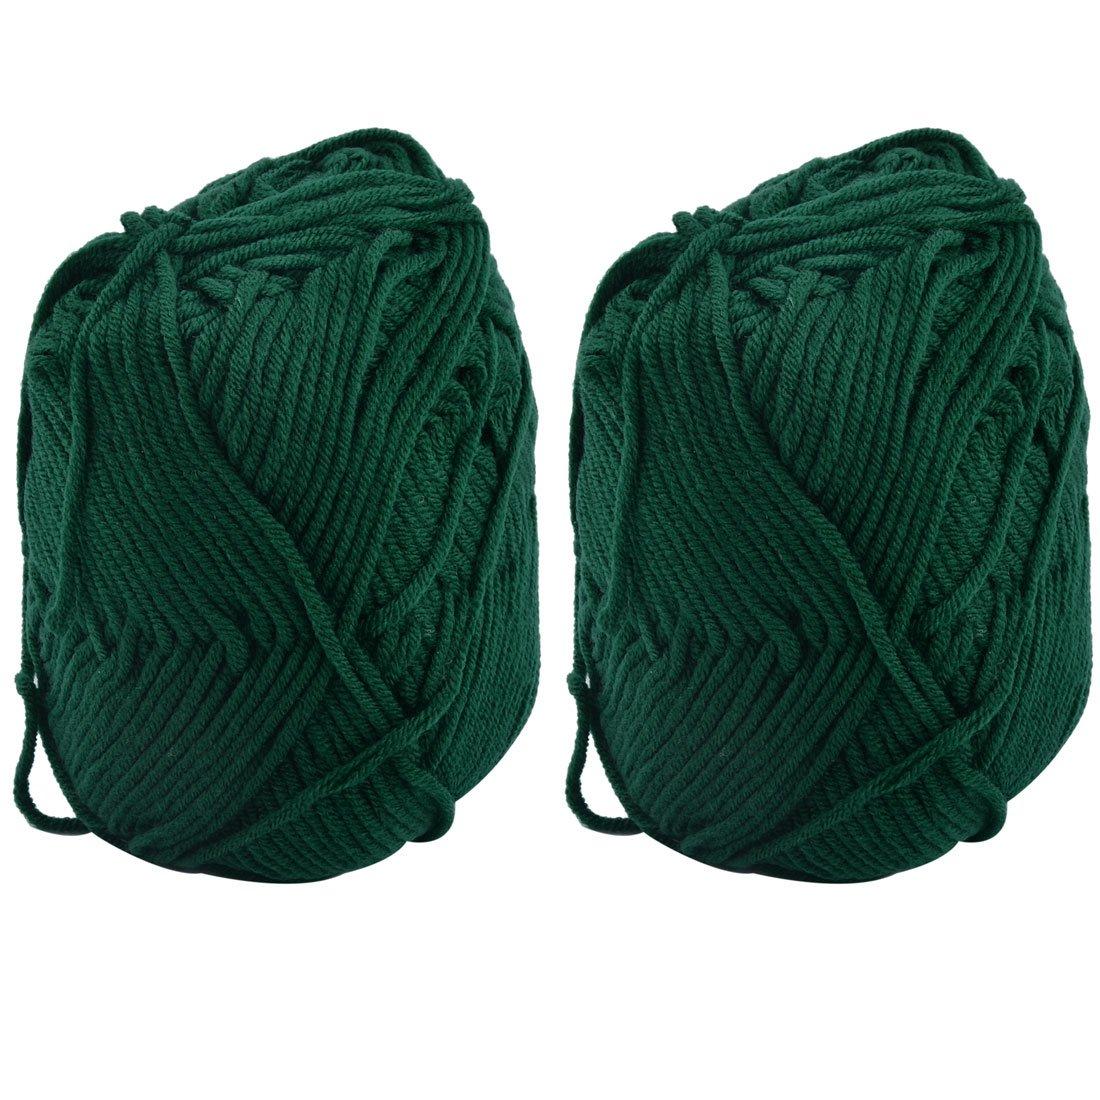 Weich Baumwollgarn Strickwolle Ball für Hausschuhe Socken Pullover Wolle 100G